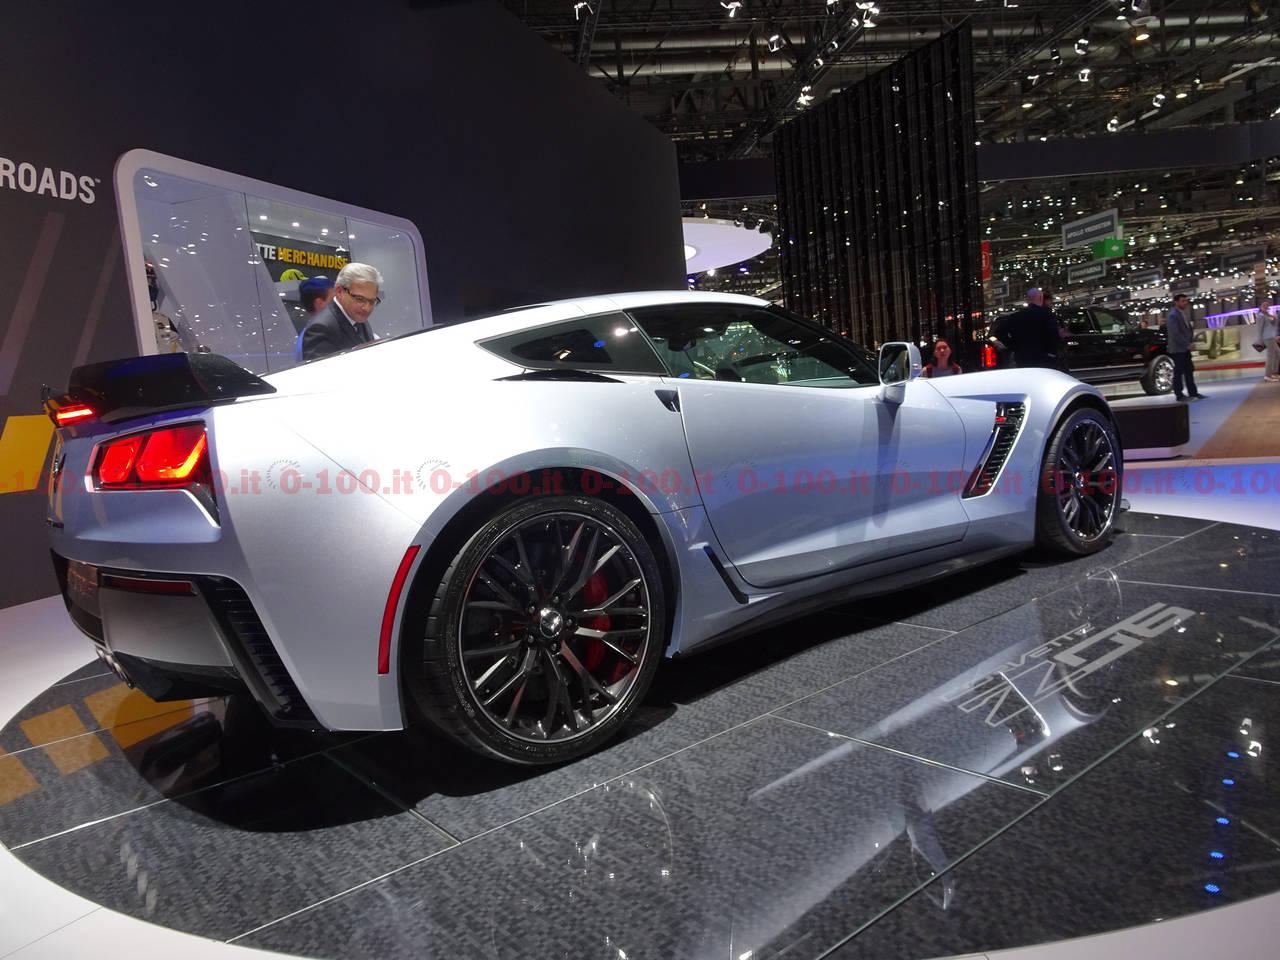 Ginevra-geneva-geneve-2017-Chevrolet-corvette-z06-0-100_9